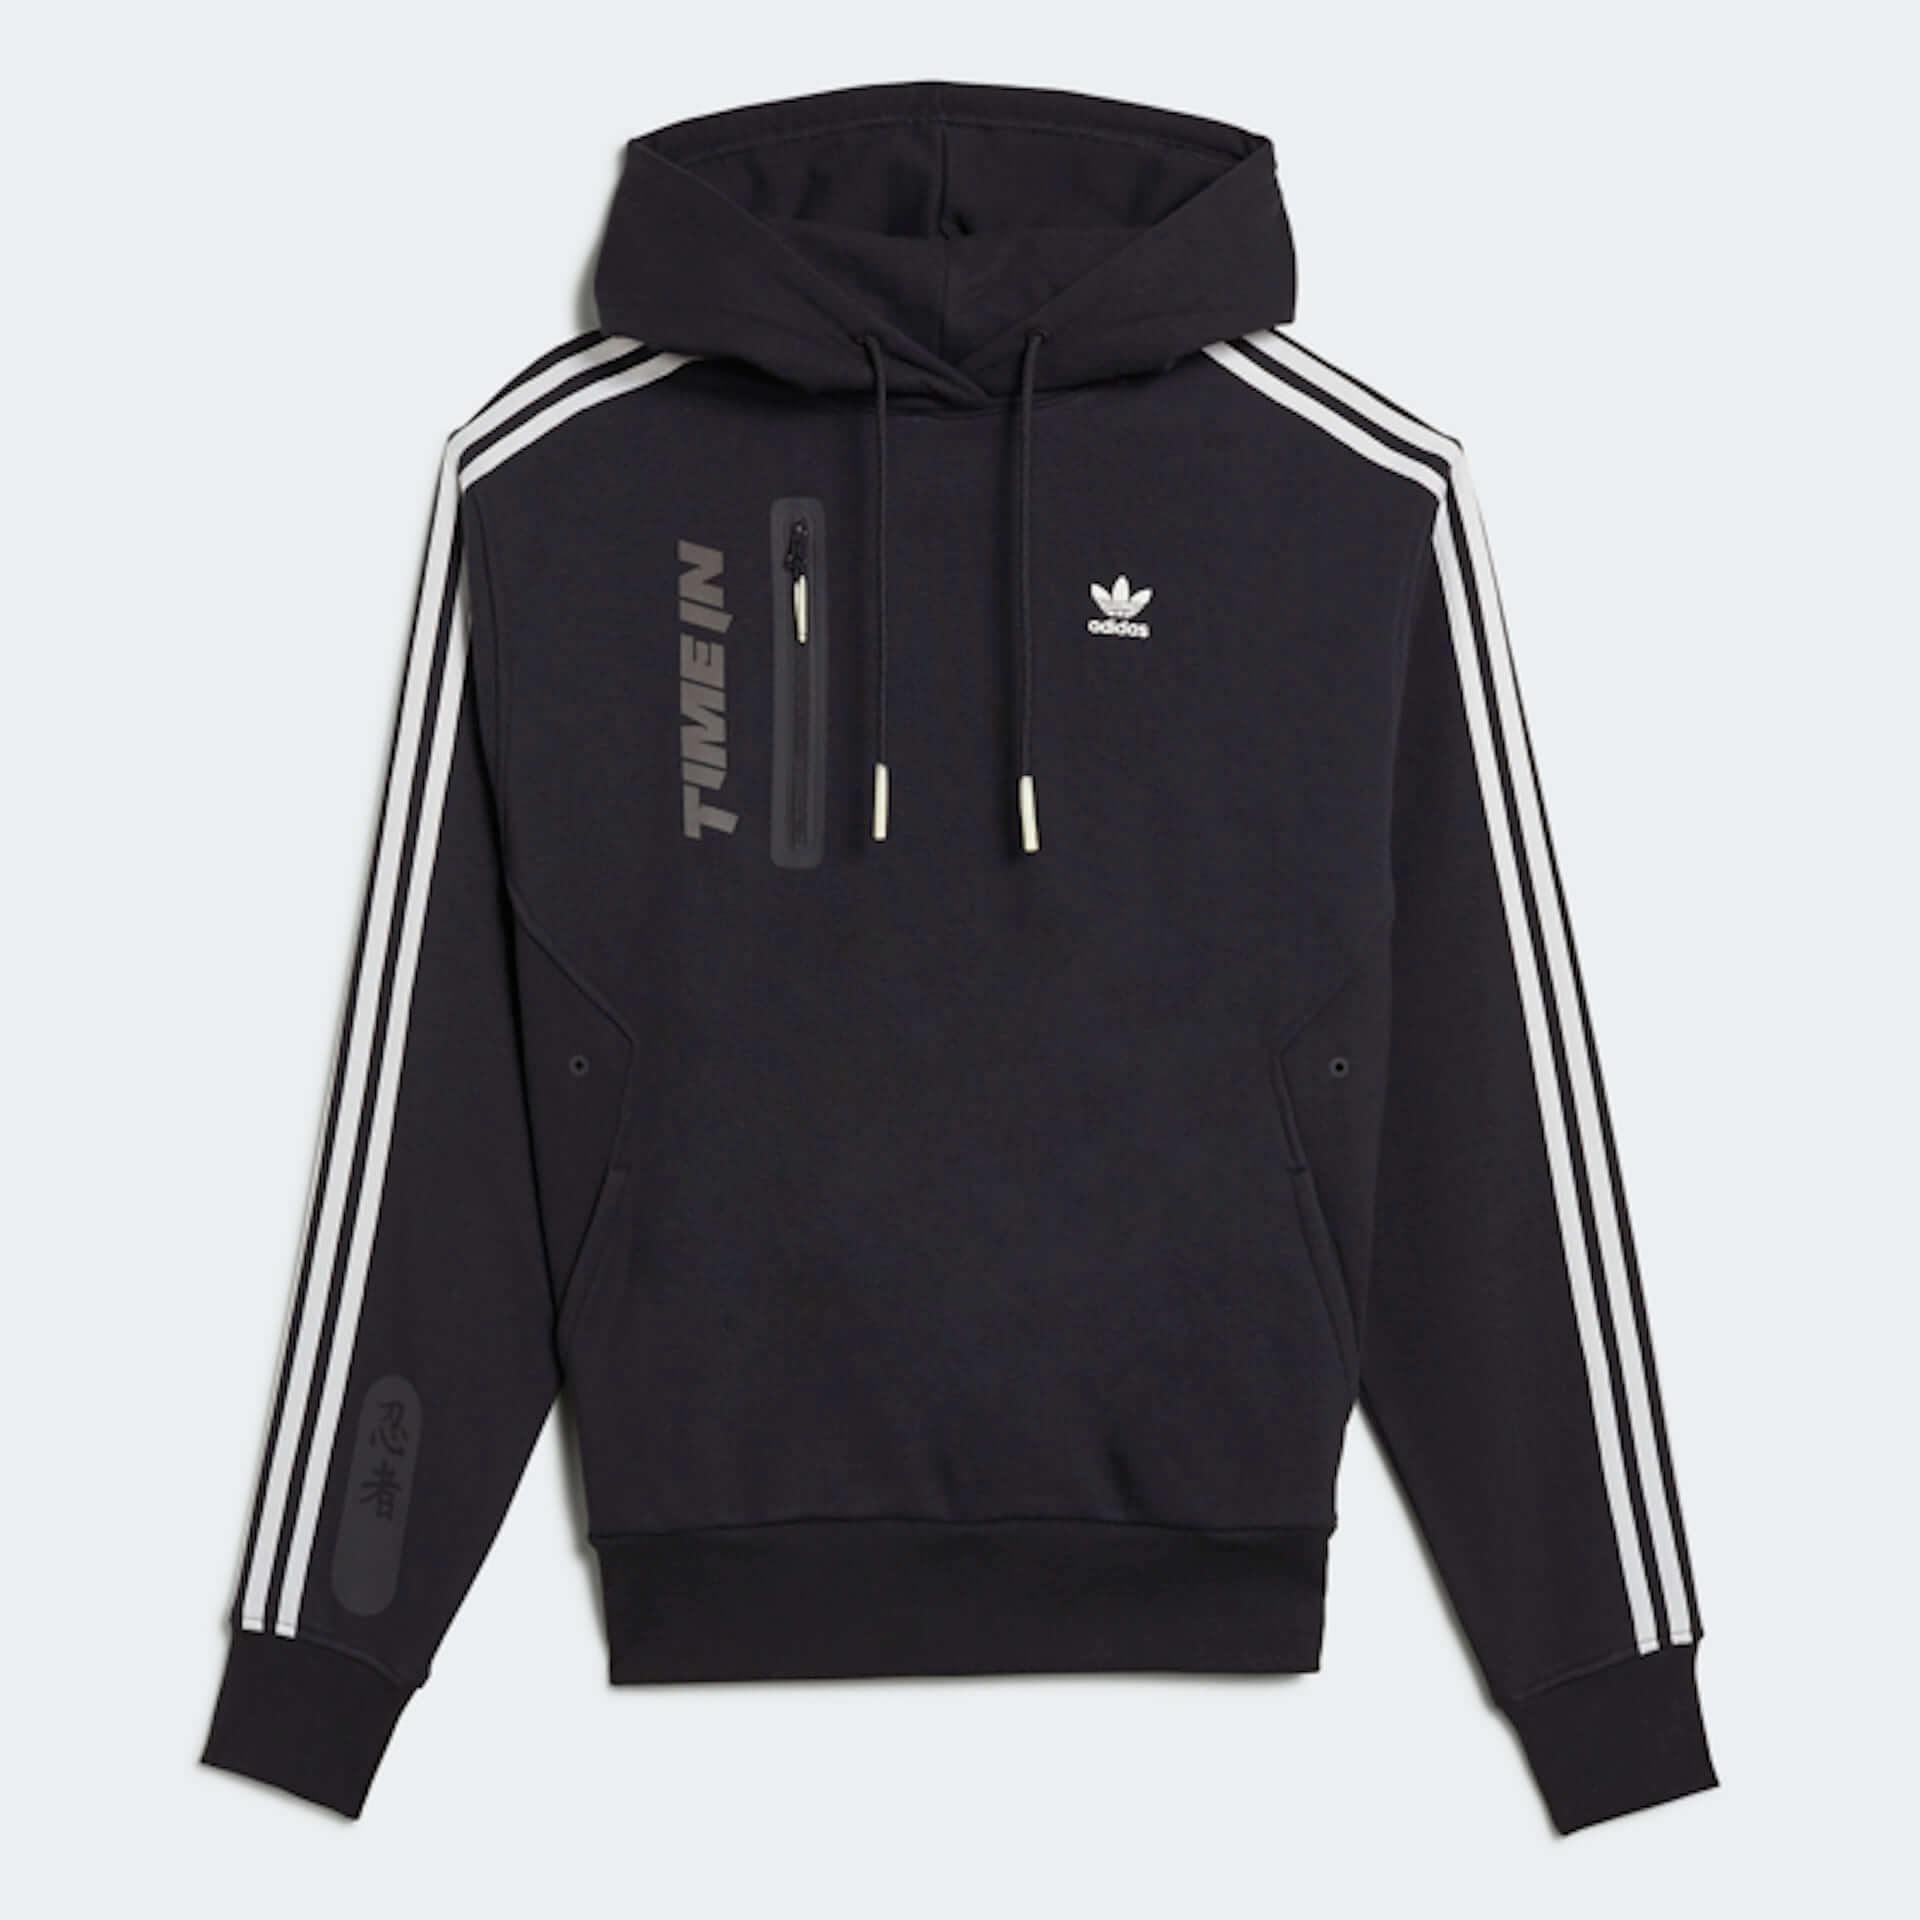 adidas Originalsと大人気ゲームストリーマー・Ninjaの最新コラボコレクションが登場!特別モデル『NINJA ZX 2K BOOST』やTシャツなど多数展開 lf201203_adidas_17-1920x1920